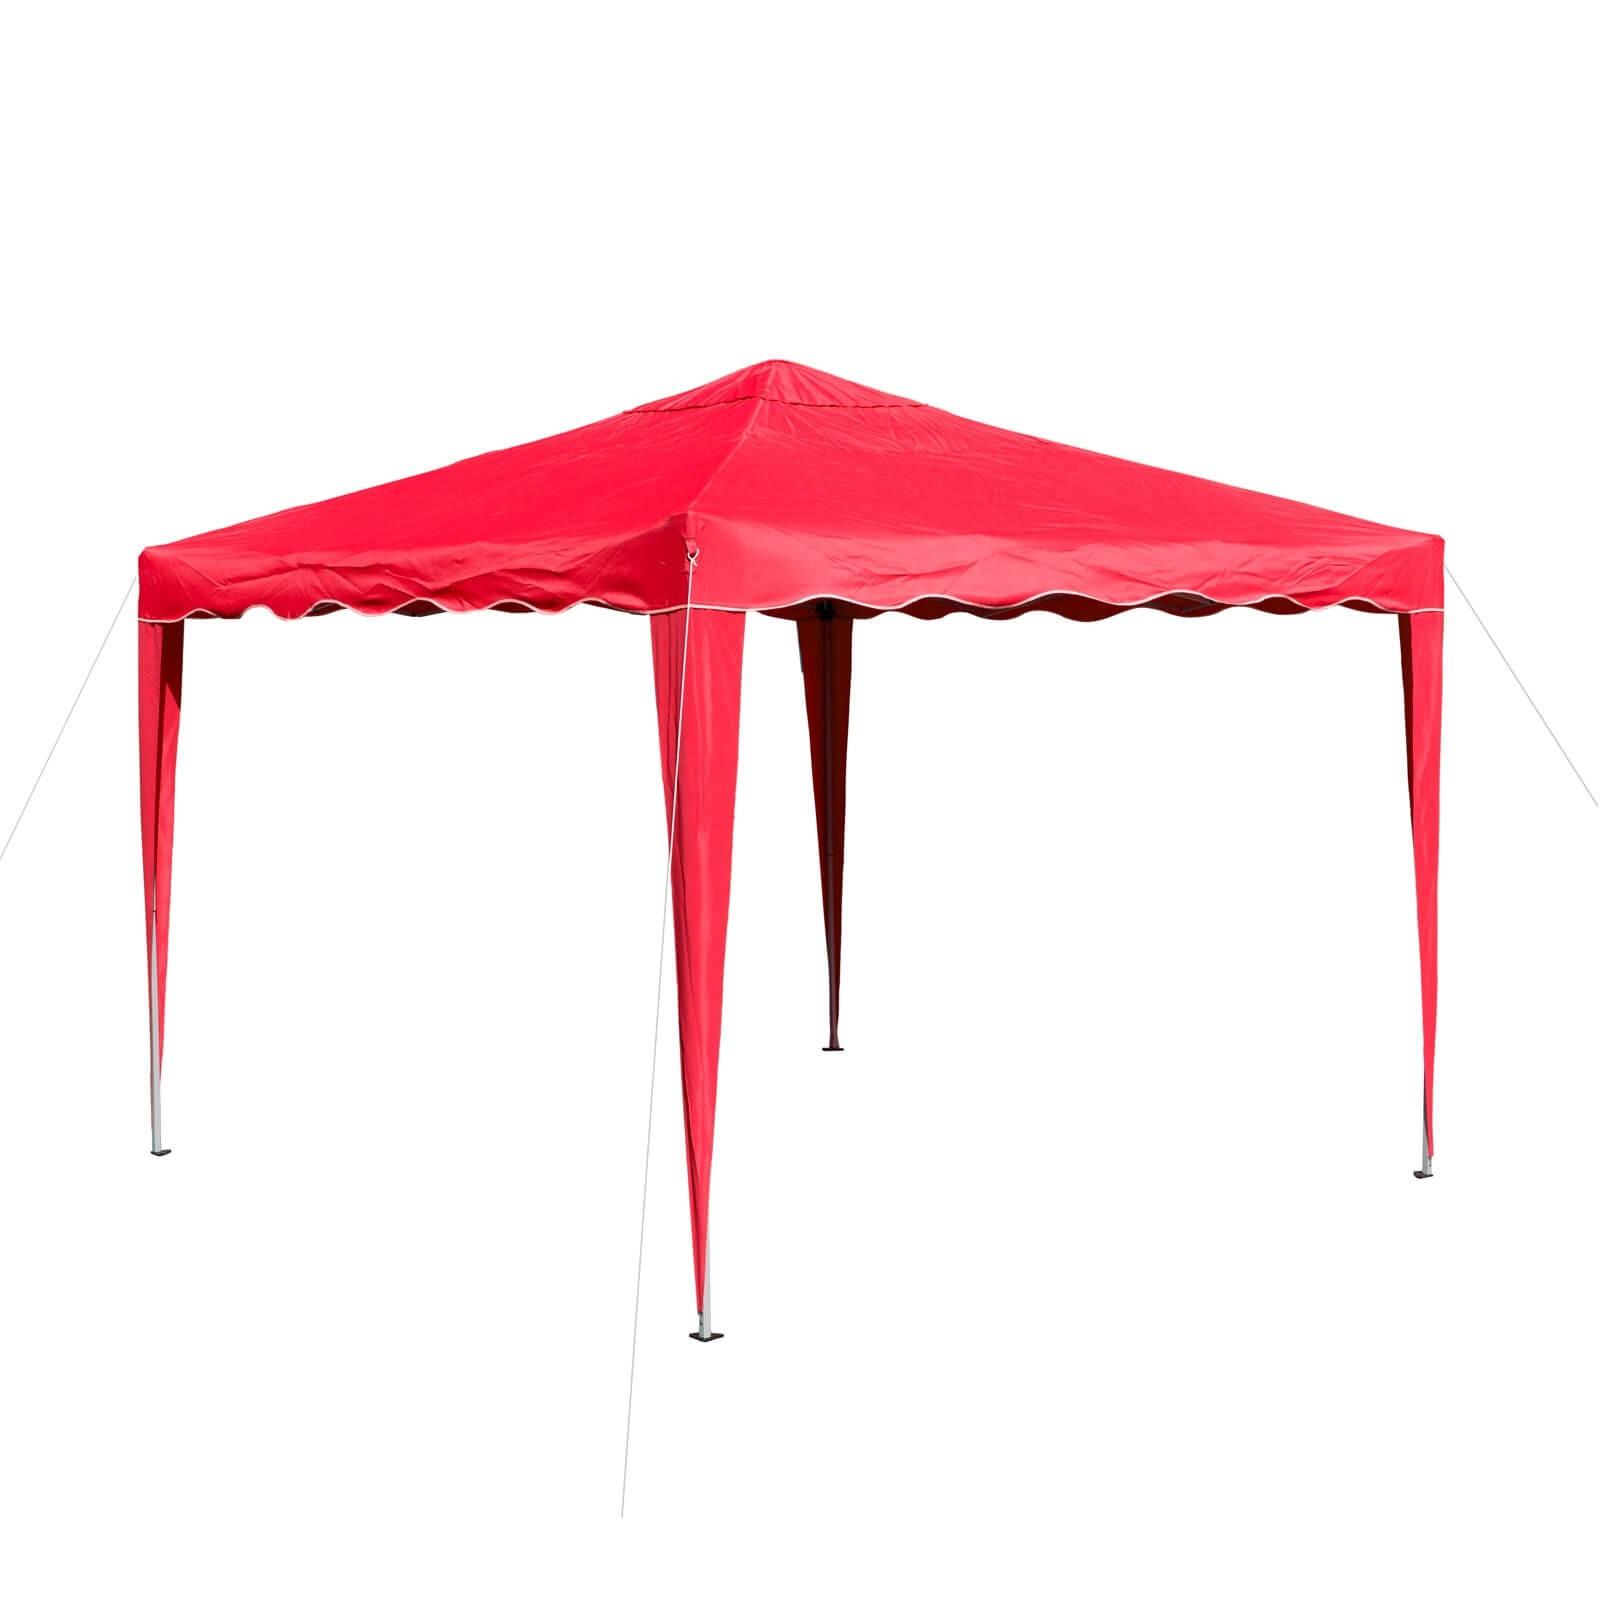 Dema Pavillon Gartenpavillon Faltpavillon Alu/Metall 3x3m rot Gartenzelt Partyzelt 14213